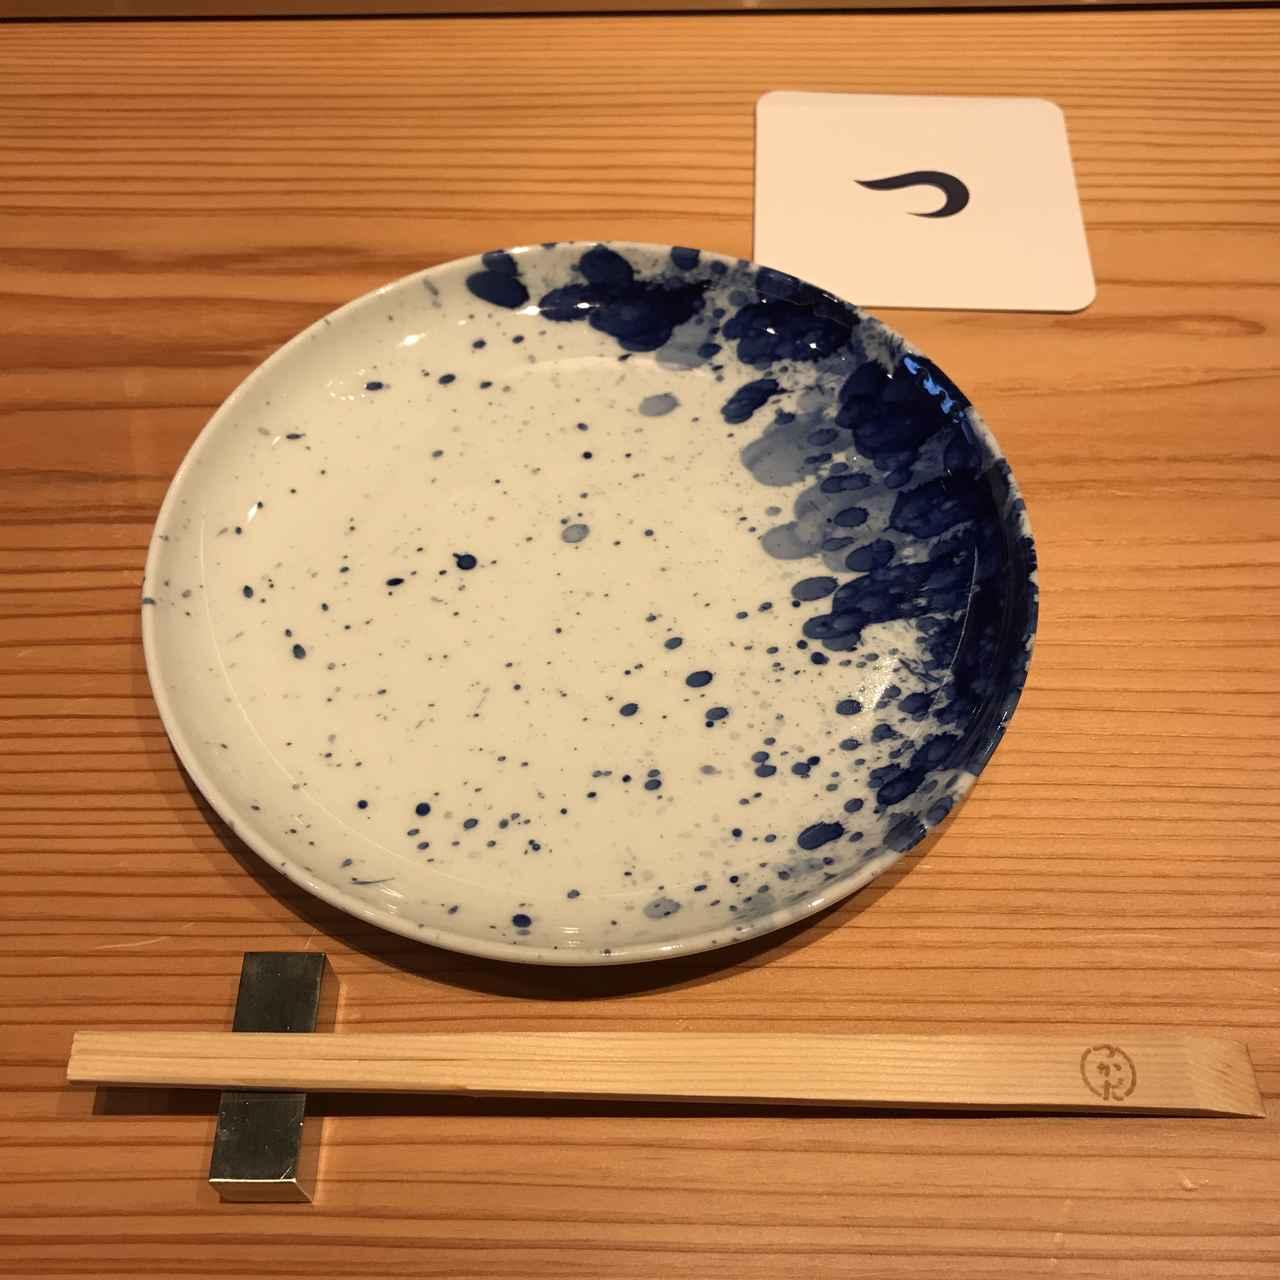 画像: 佐藤可士和氏が自ら色付けを行った有田焼のお皿で頂きました。